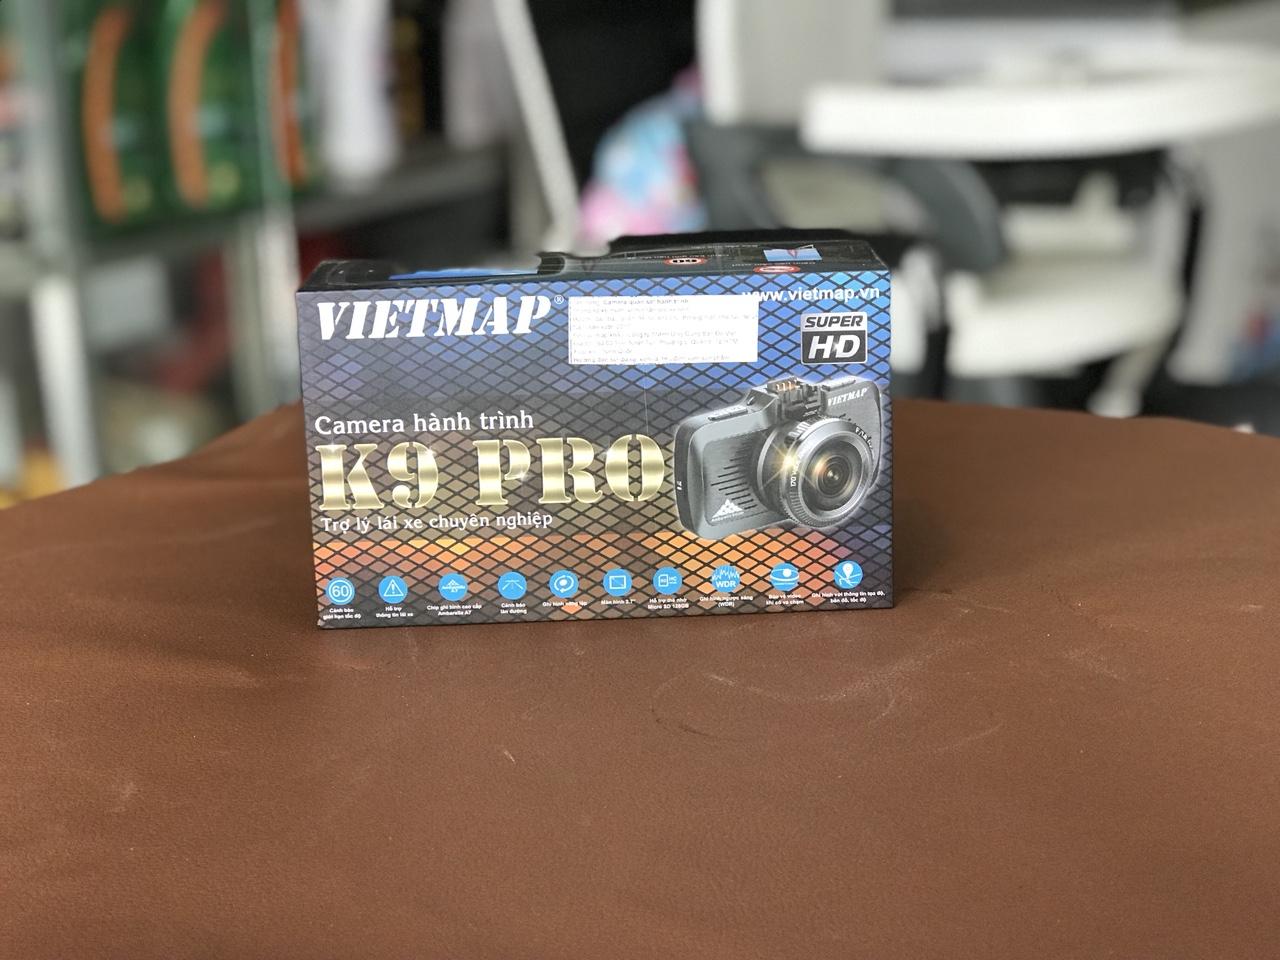 Camera hành trình trước và sau VietMap | Camera hành trình giá rẻ